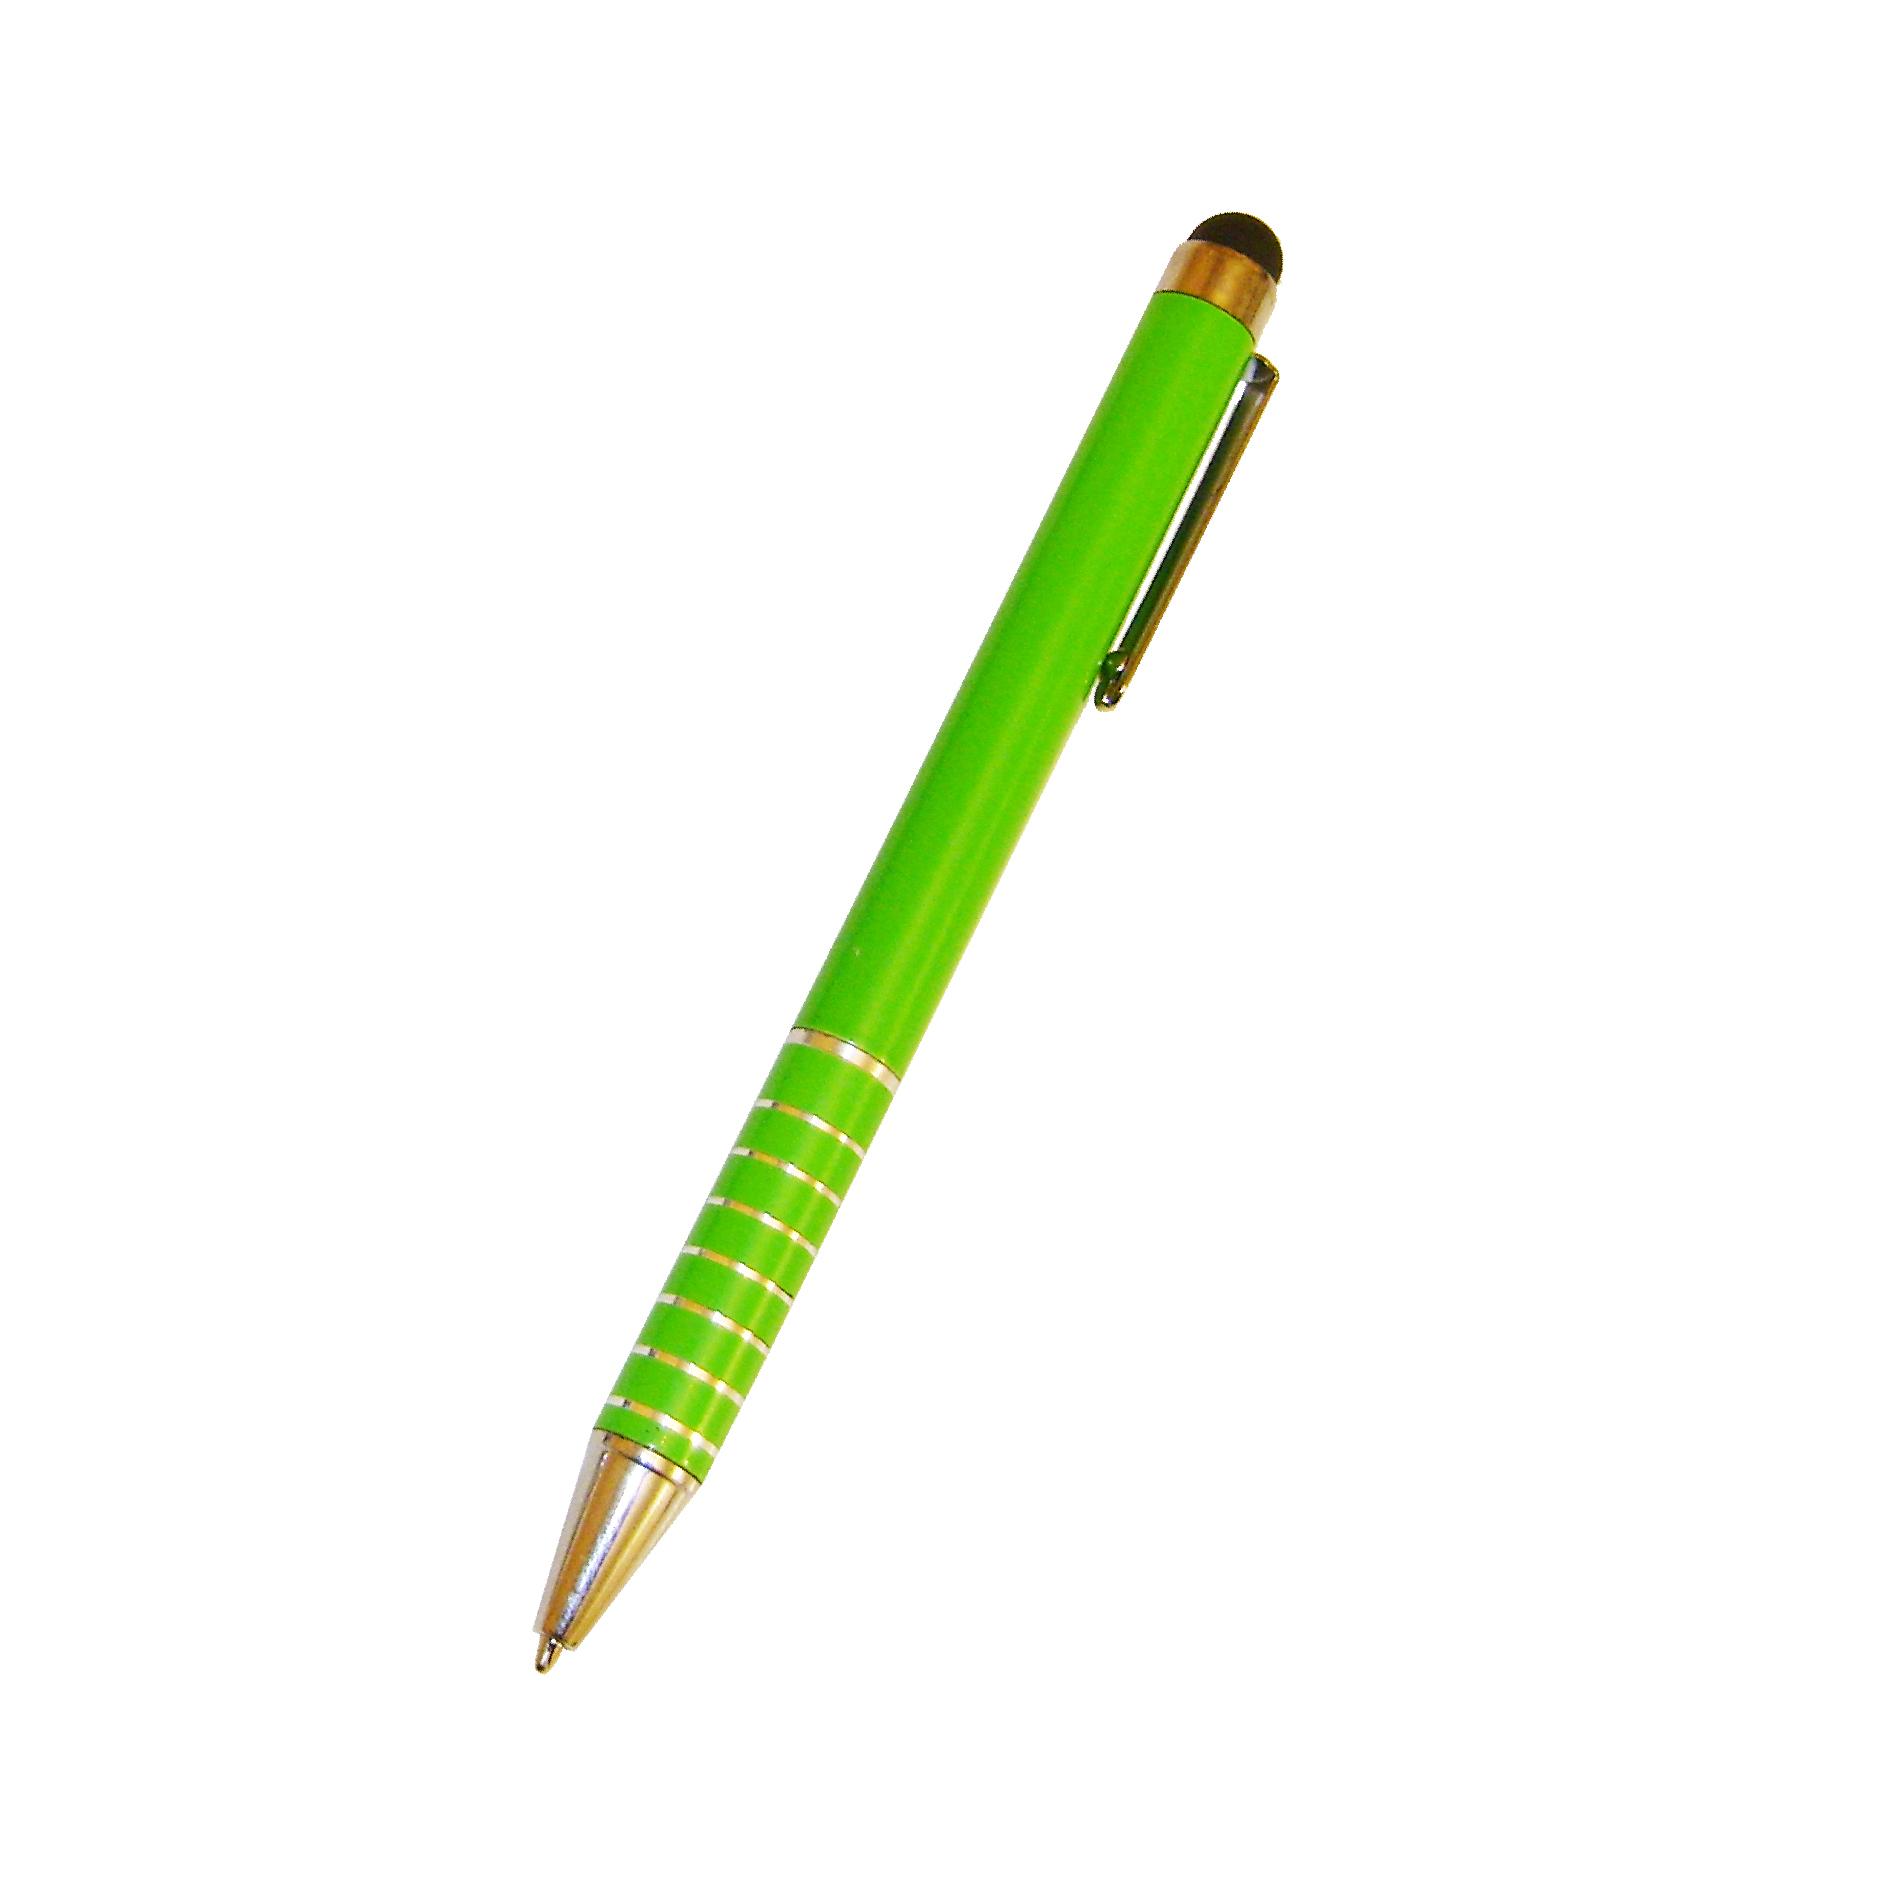 قلم لمسی  کد 4488KFRR